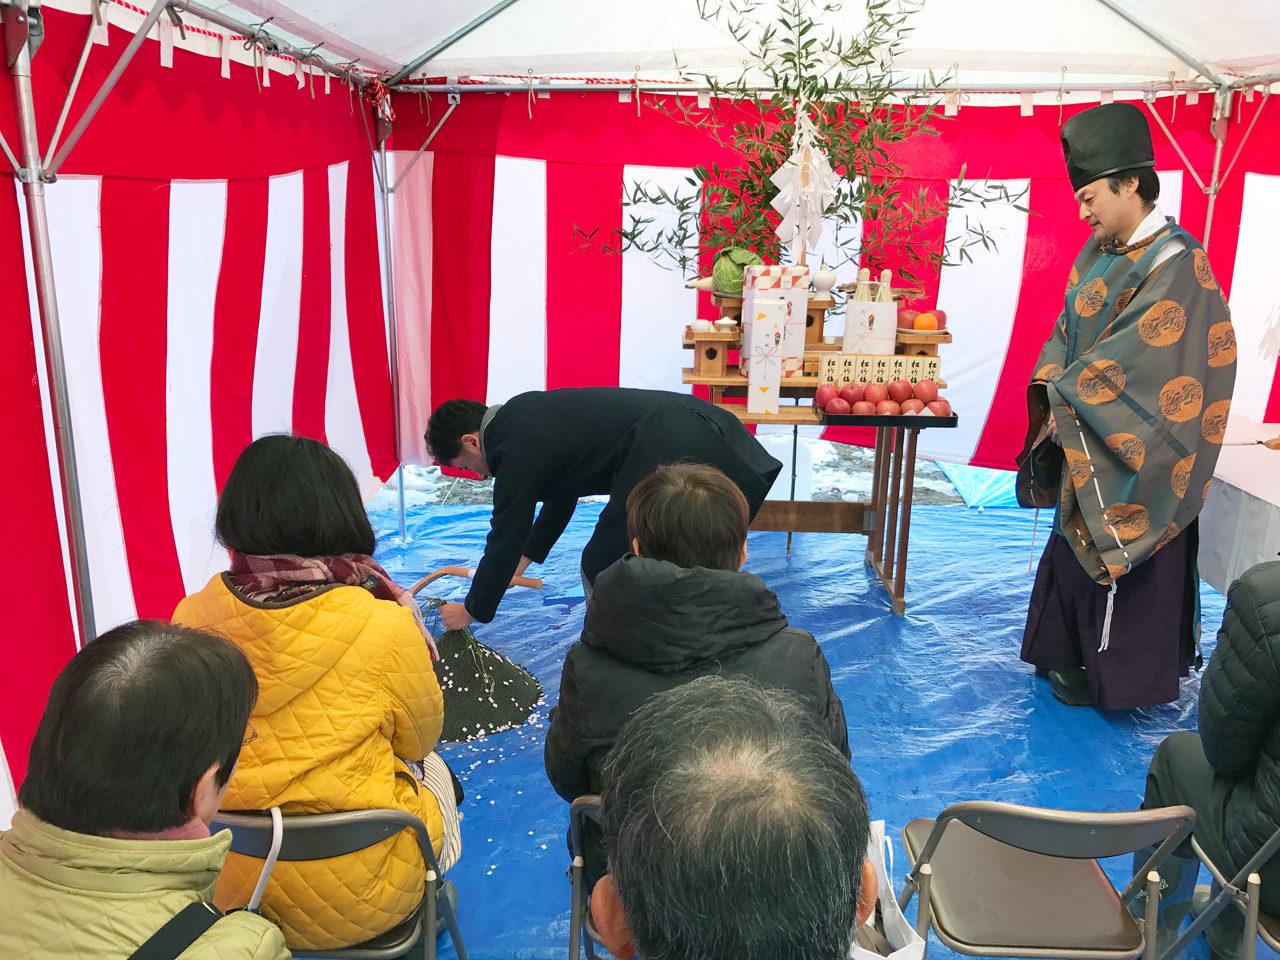 新規独立開院・開業支援をさせていただいた店舗(鍼灸接骨院)付き住宅の地鎮祭